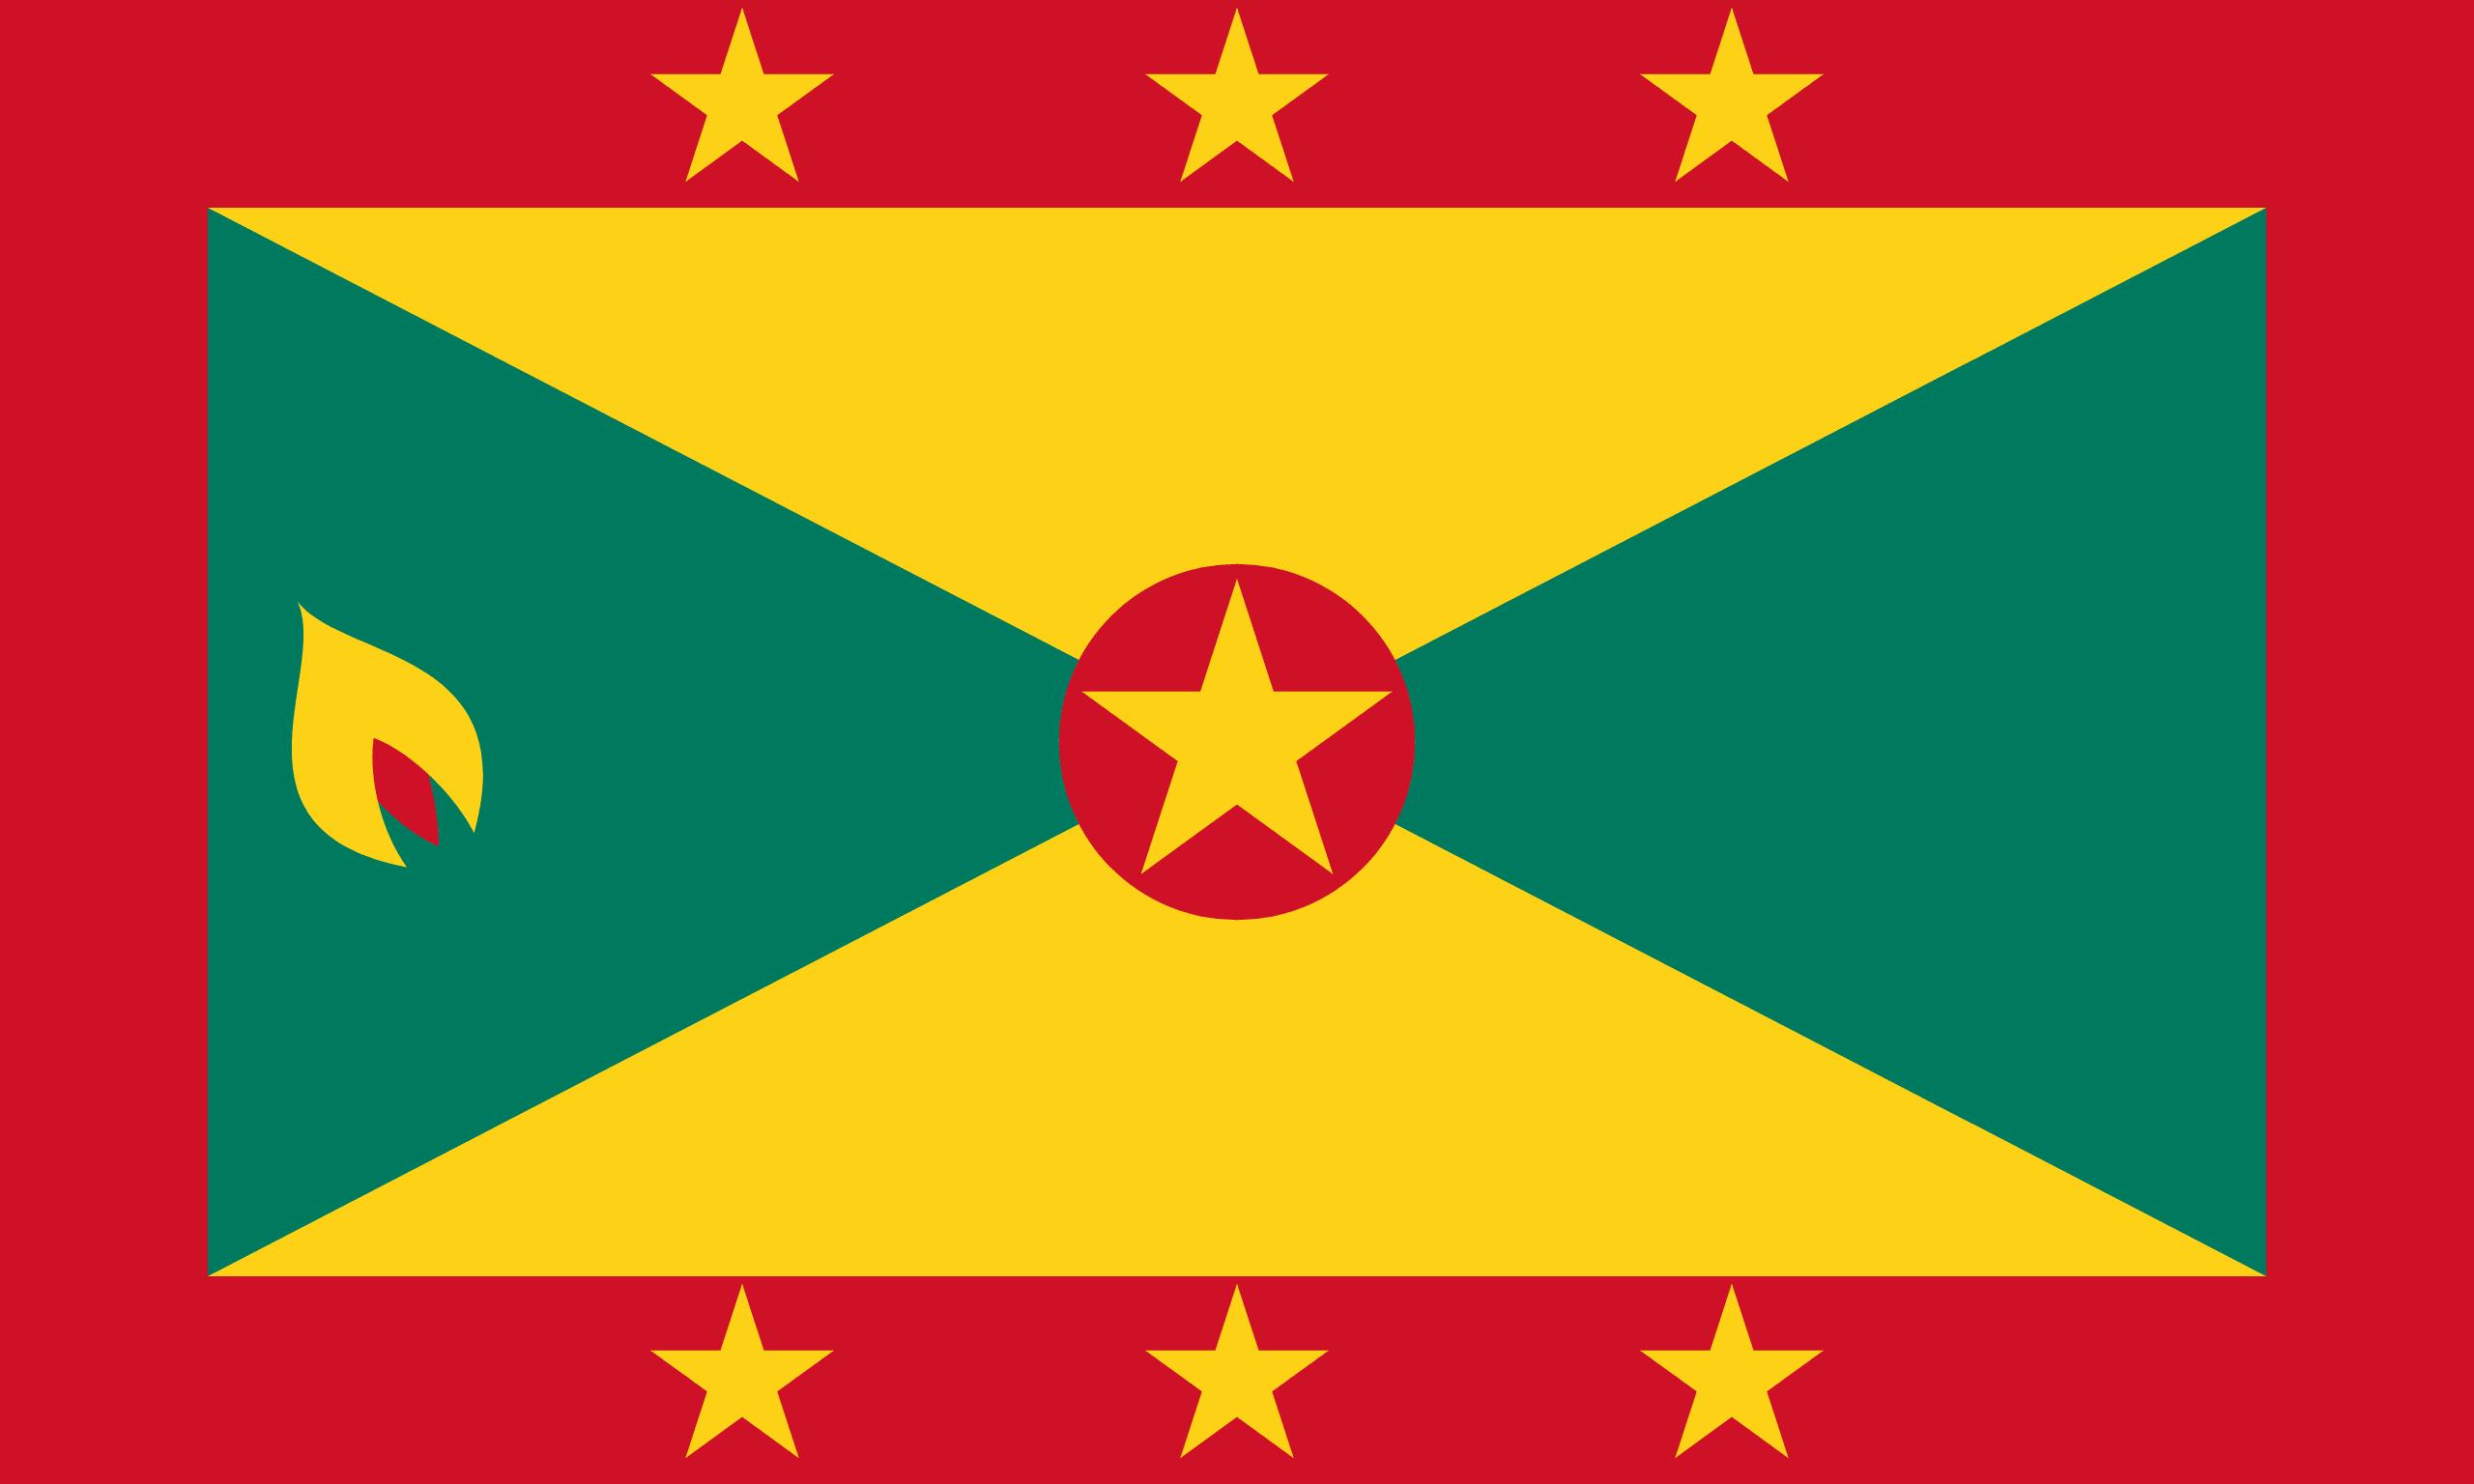 Grenada'nın Başkenti ve Para Birimi Nedir? Grenada'nın Bayrağı Nasıldır?